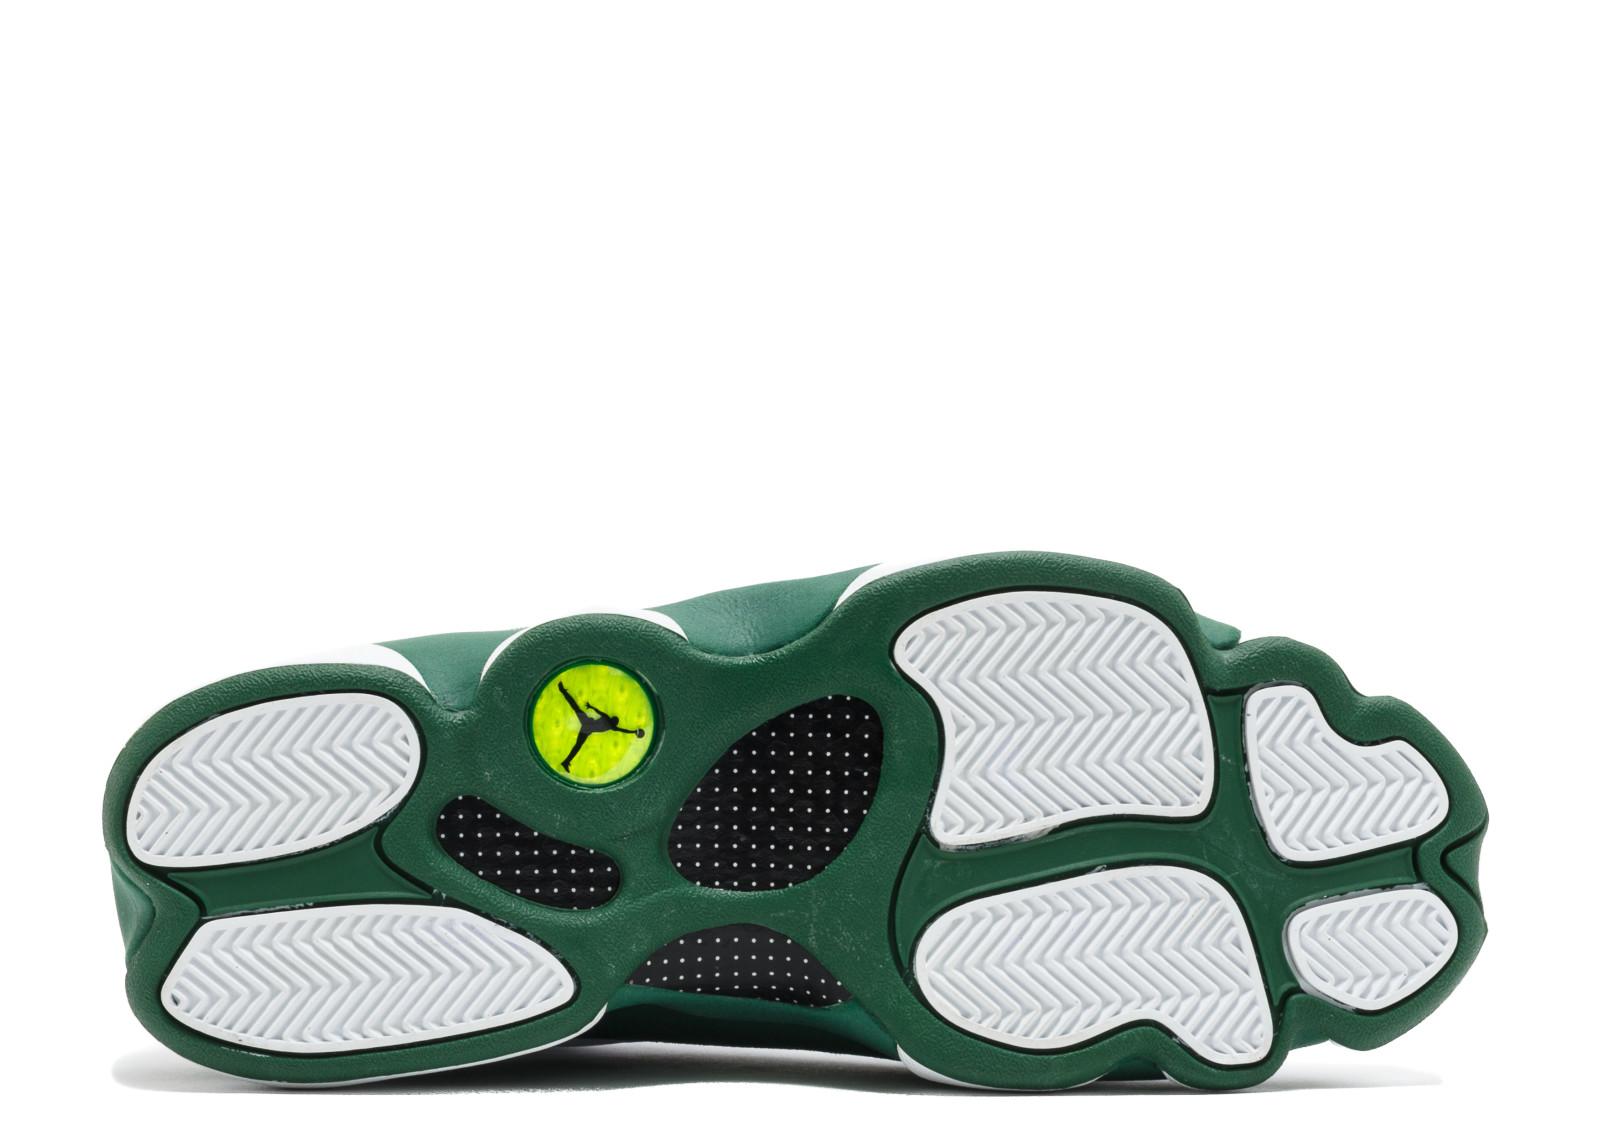 69fbc5e4e16aae Kick Avenue - Authentic Sneakers